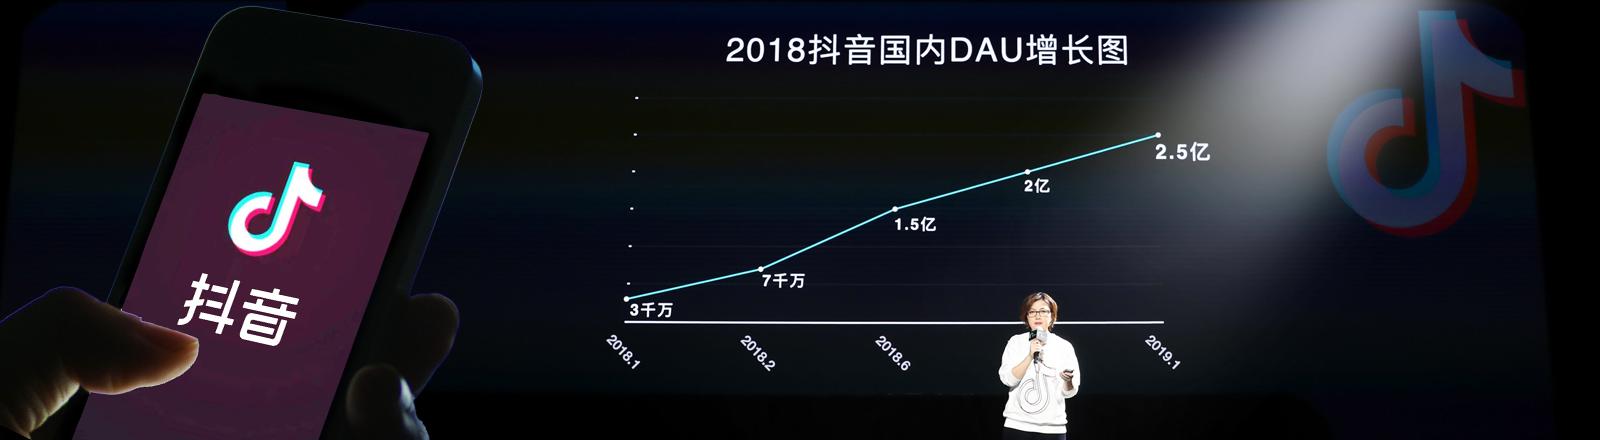 TikTok Präsidentin Zhang Nan während einer Produktpräsentation bei ByteDance mit Zahlen zu Tik Tok